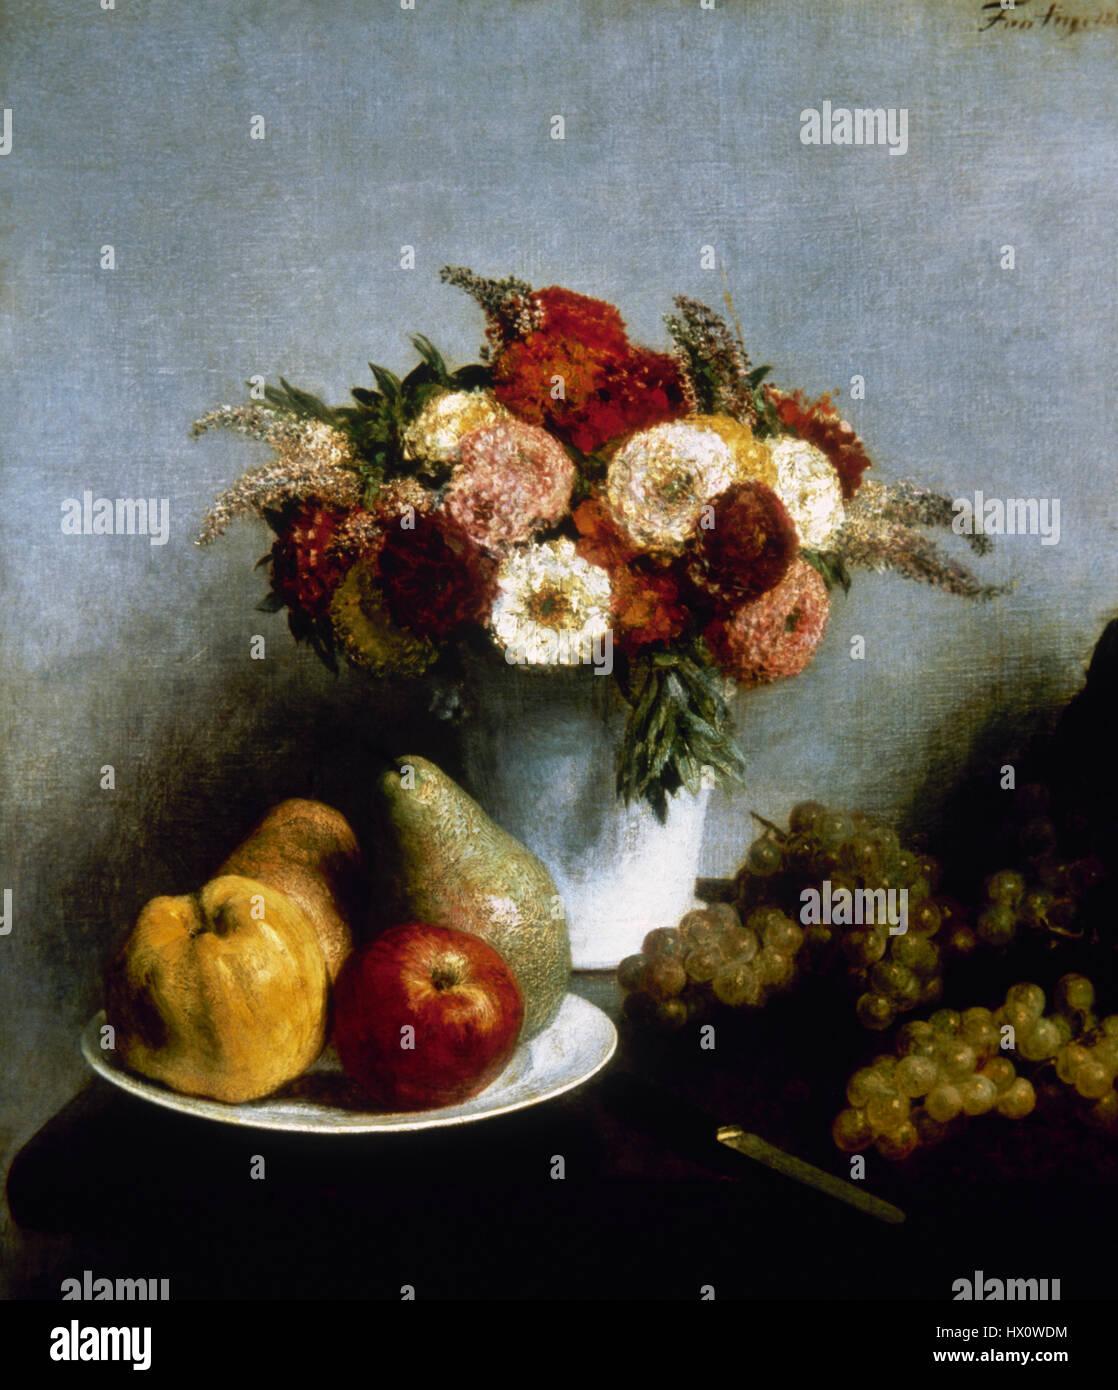 Henri Fantin-Latour (1836-1904). Pittore Francese. Fiori e Frutta, 1865. Olio su tela. Il Museo d' Orsay. Parigi. Immagini Stock